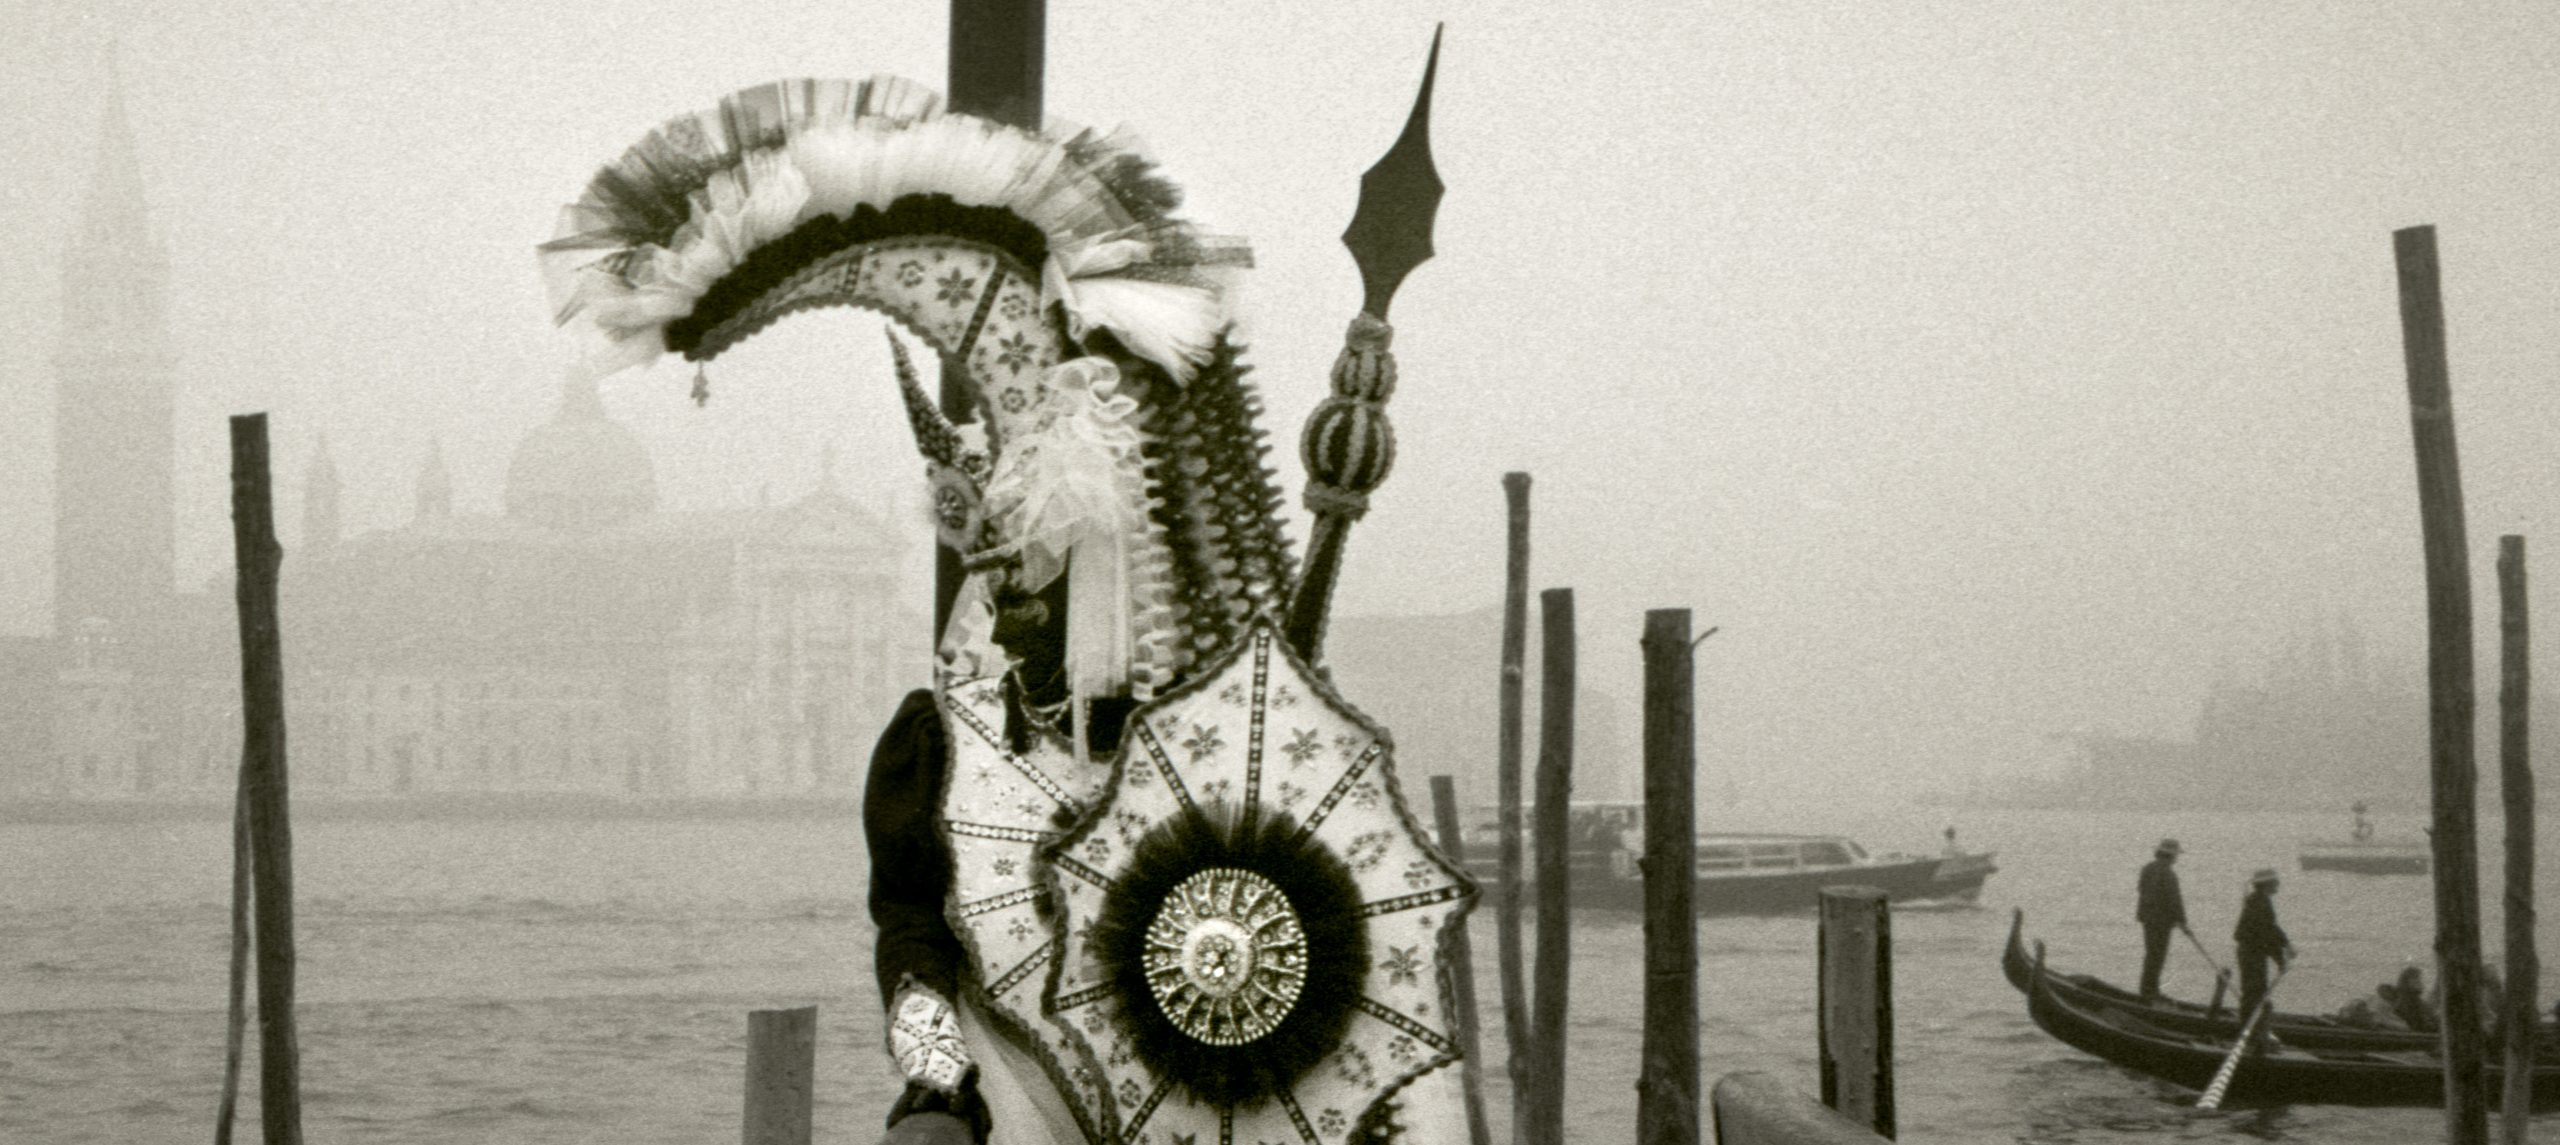 Carnevale, Venezia, 1992